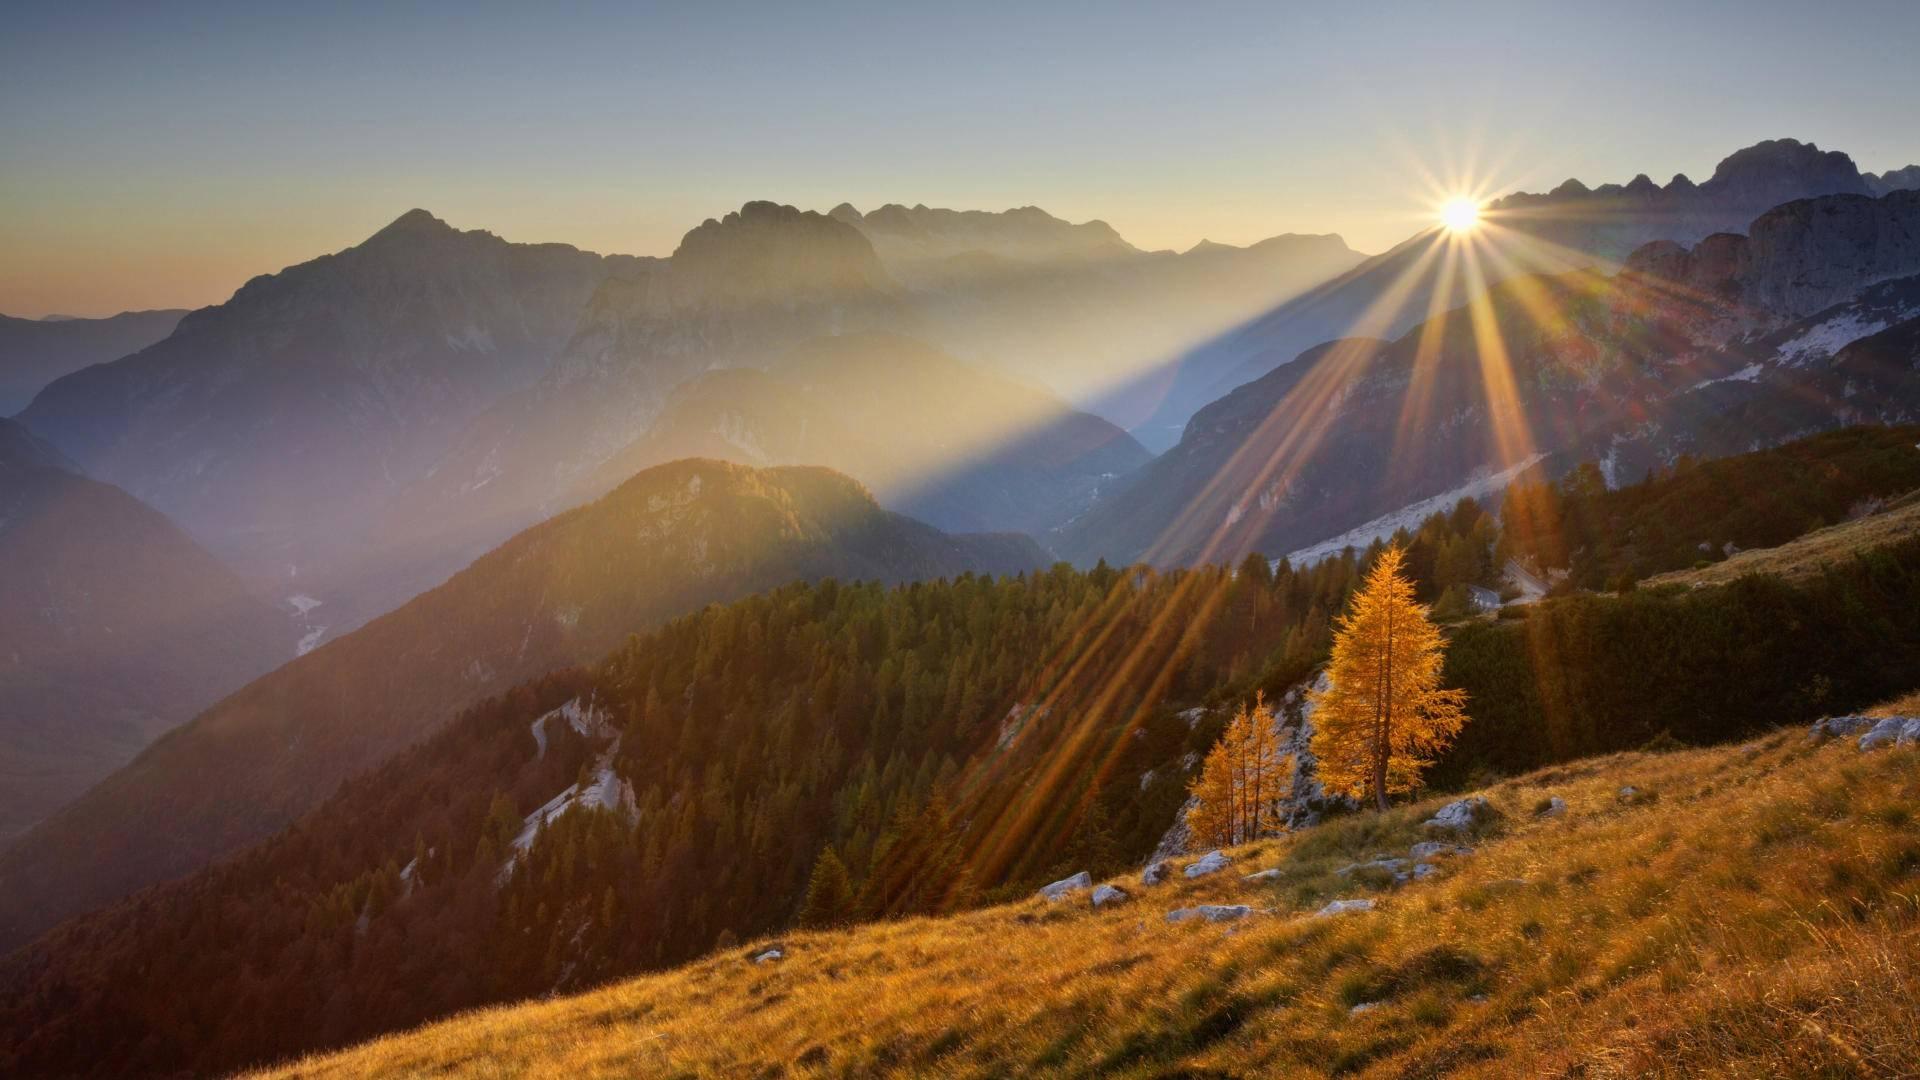 sonce-zahod-slovenia-ozadje2